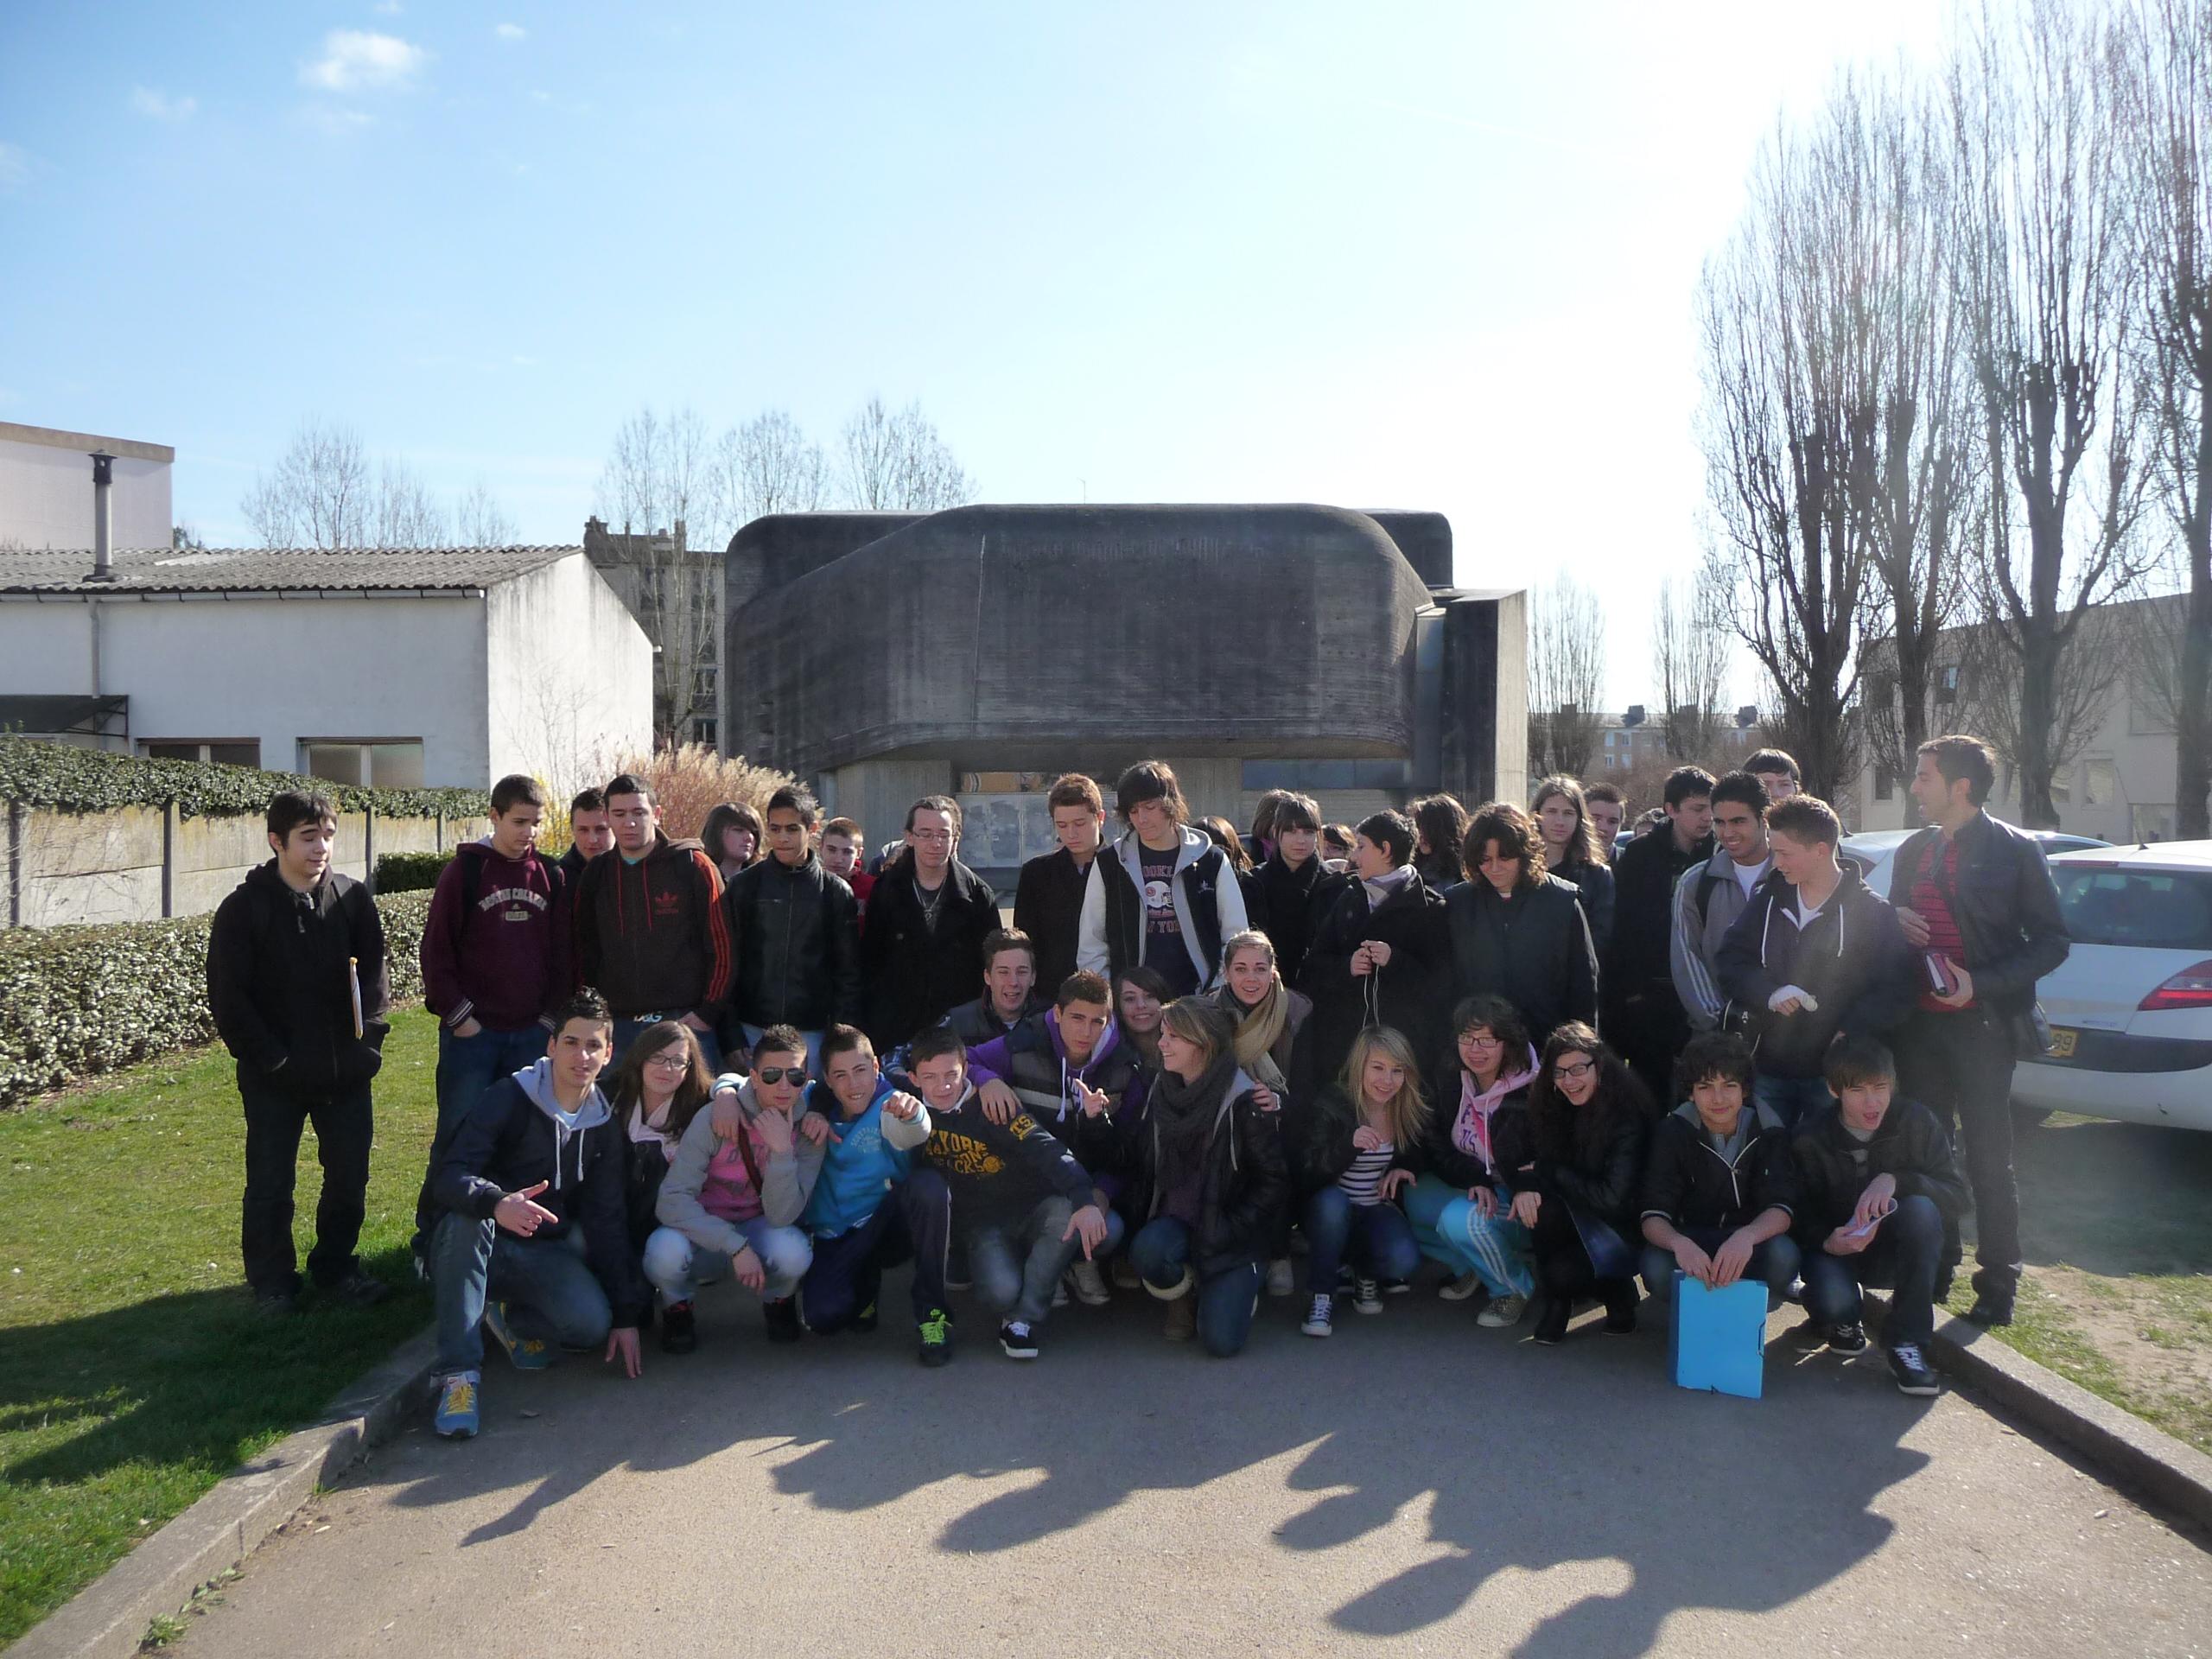 Visites commentées de l'église Sainte-Bernadette du Banlay : écoles élémentaires et collèges de Nevers